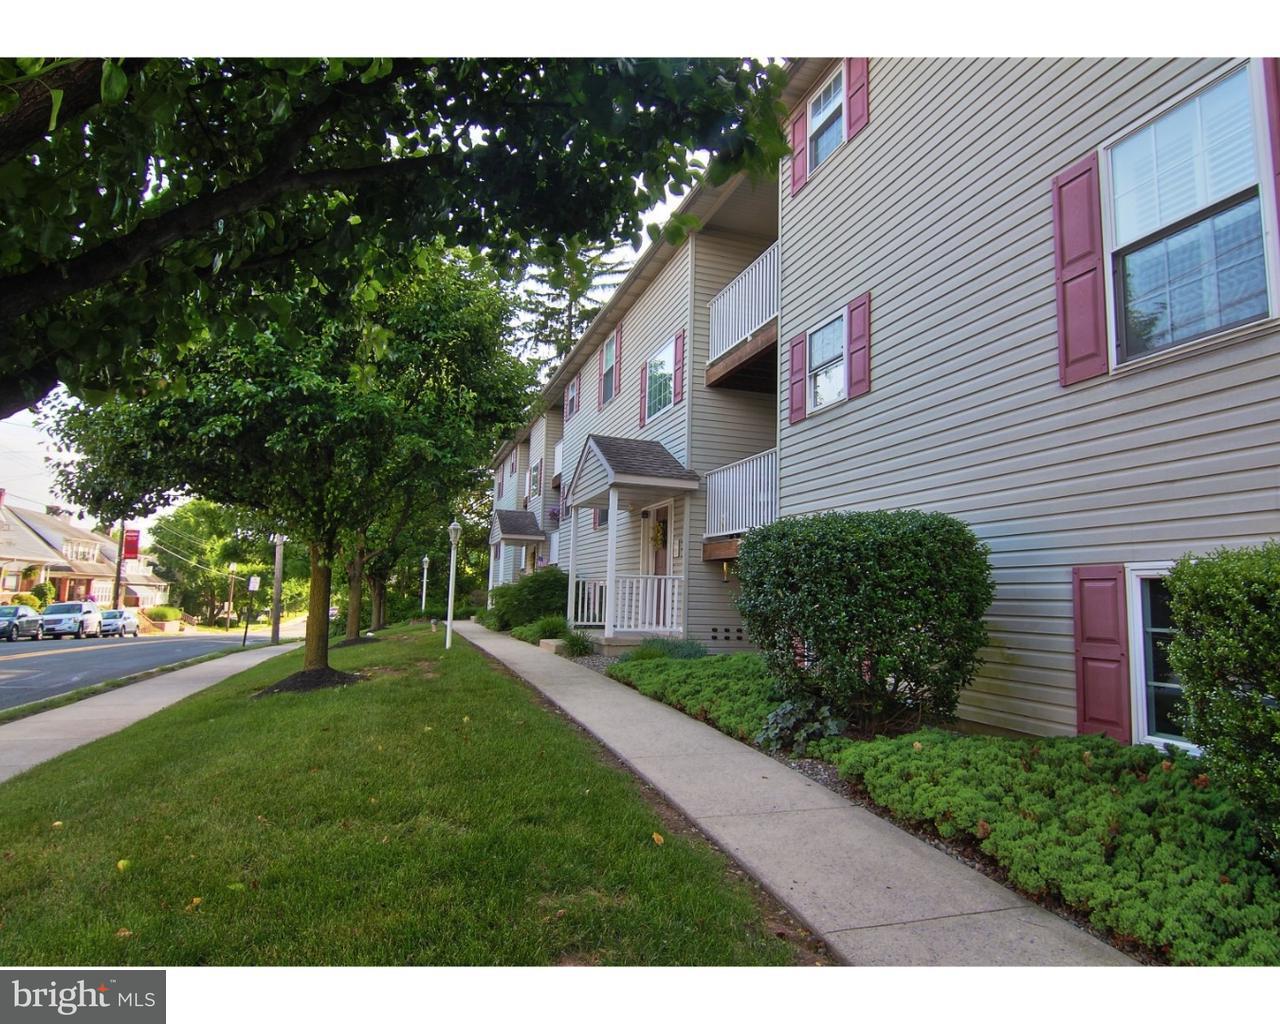 Частный односемейный дом для того Аренда на 377 S READING Avenue Boyertown, Пенсильвания 19512 Соединенные Штаты